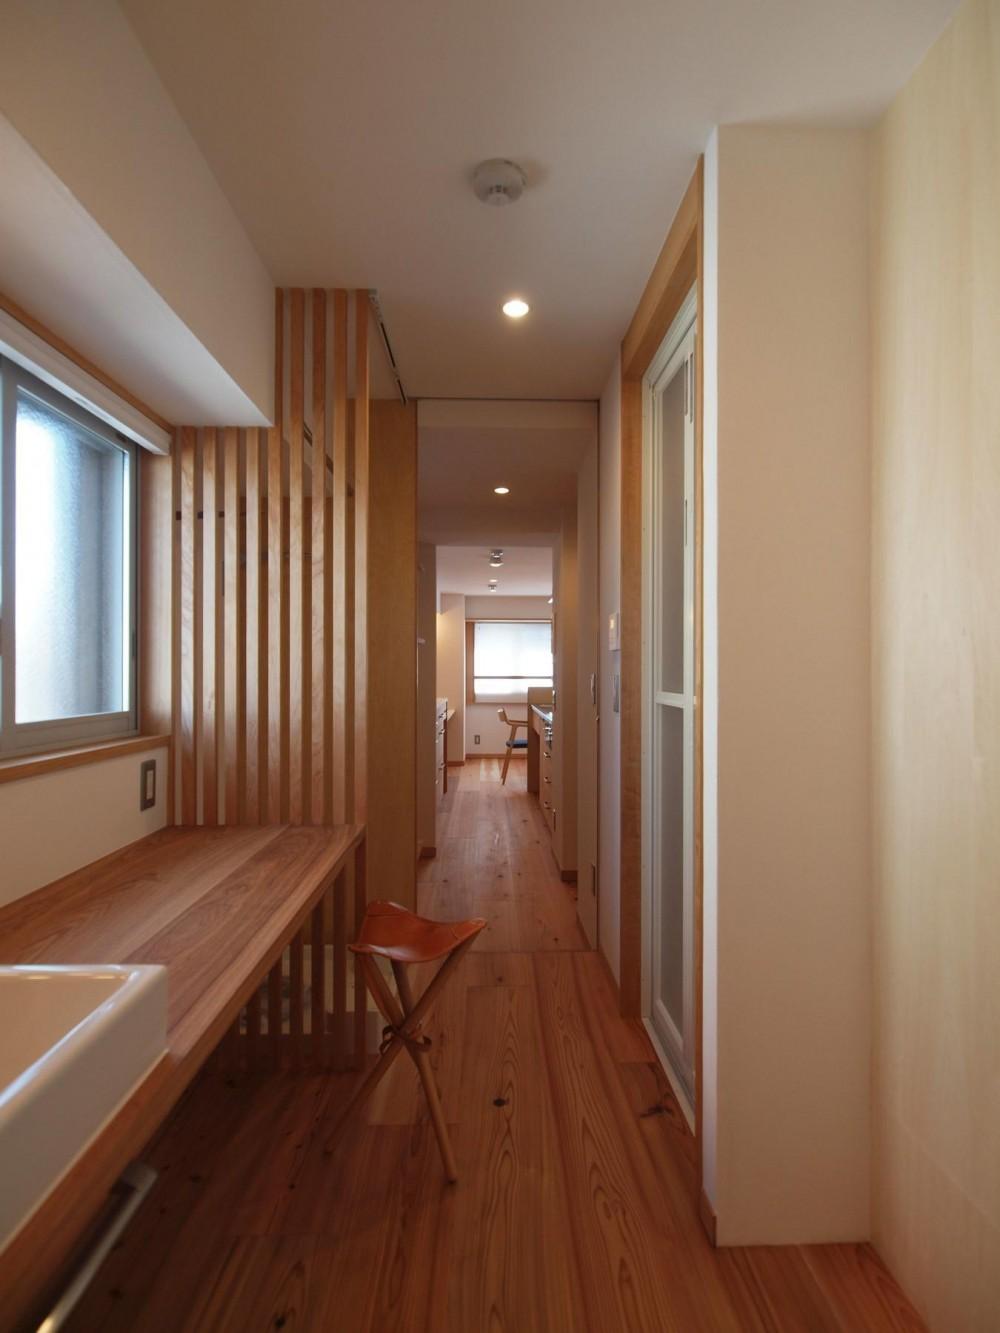 ワンルーム空間でシンプルに暮らす都市部マンションリノベーション (洗面空間は窓のある位置に再構築)